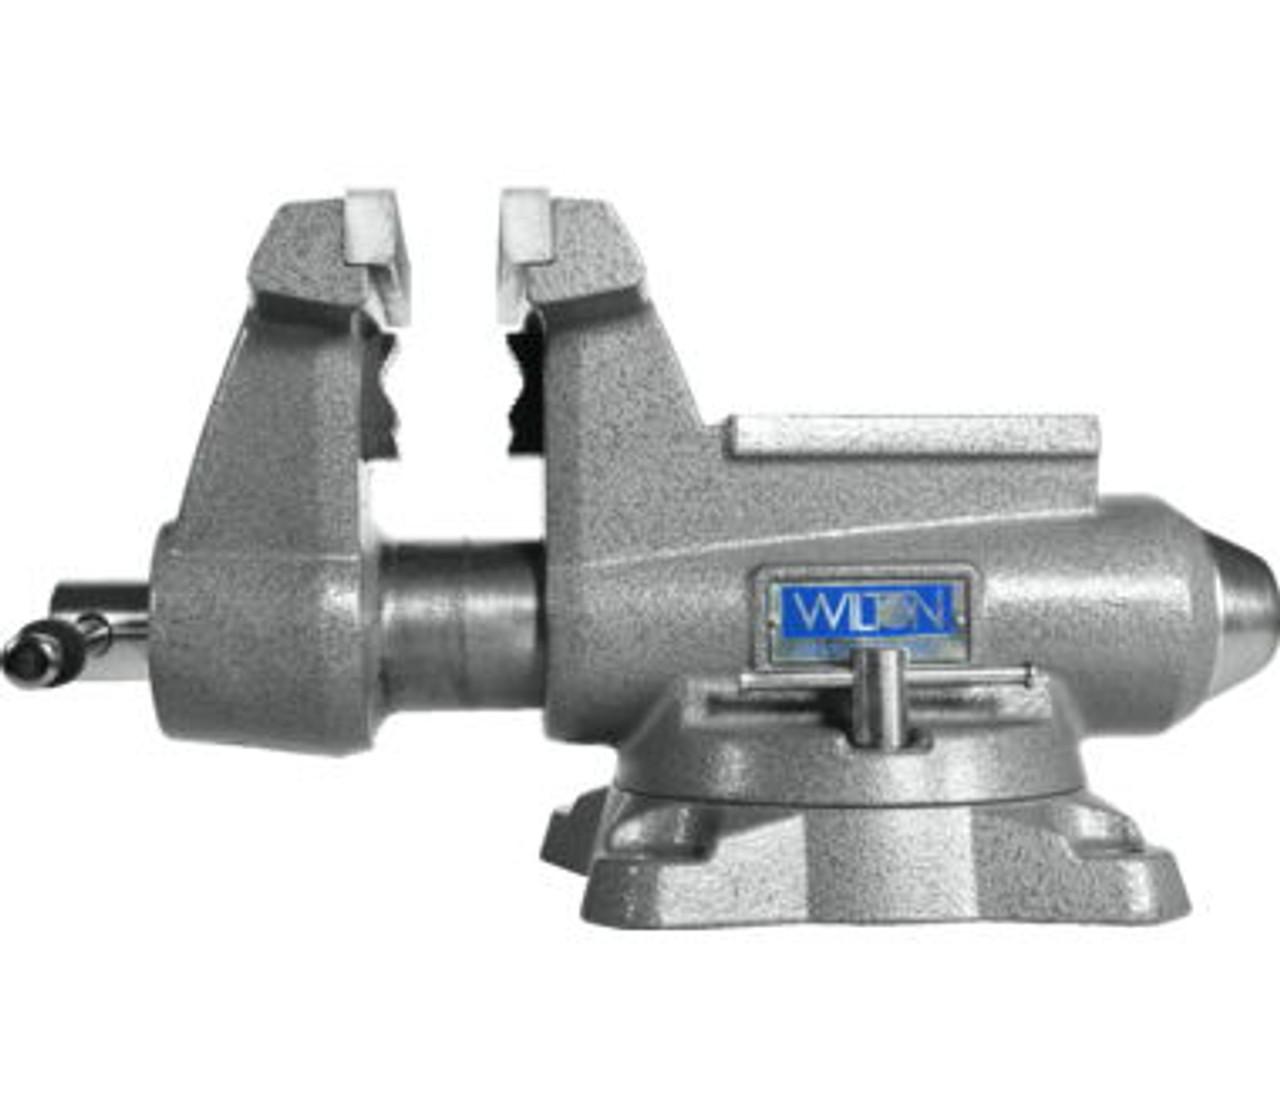 Swell Wilton 865M Mechanics Pro 6 1 2 Vise With Swivel Base Short Links Chair Design For Home Short Linksinfo